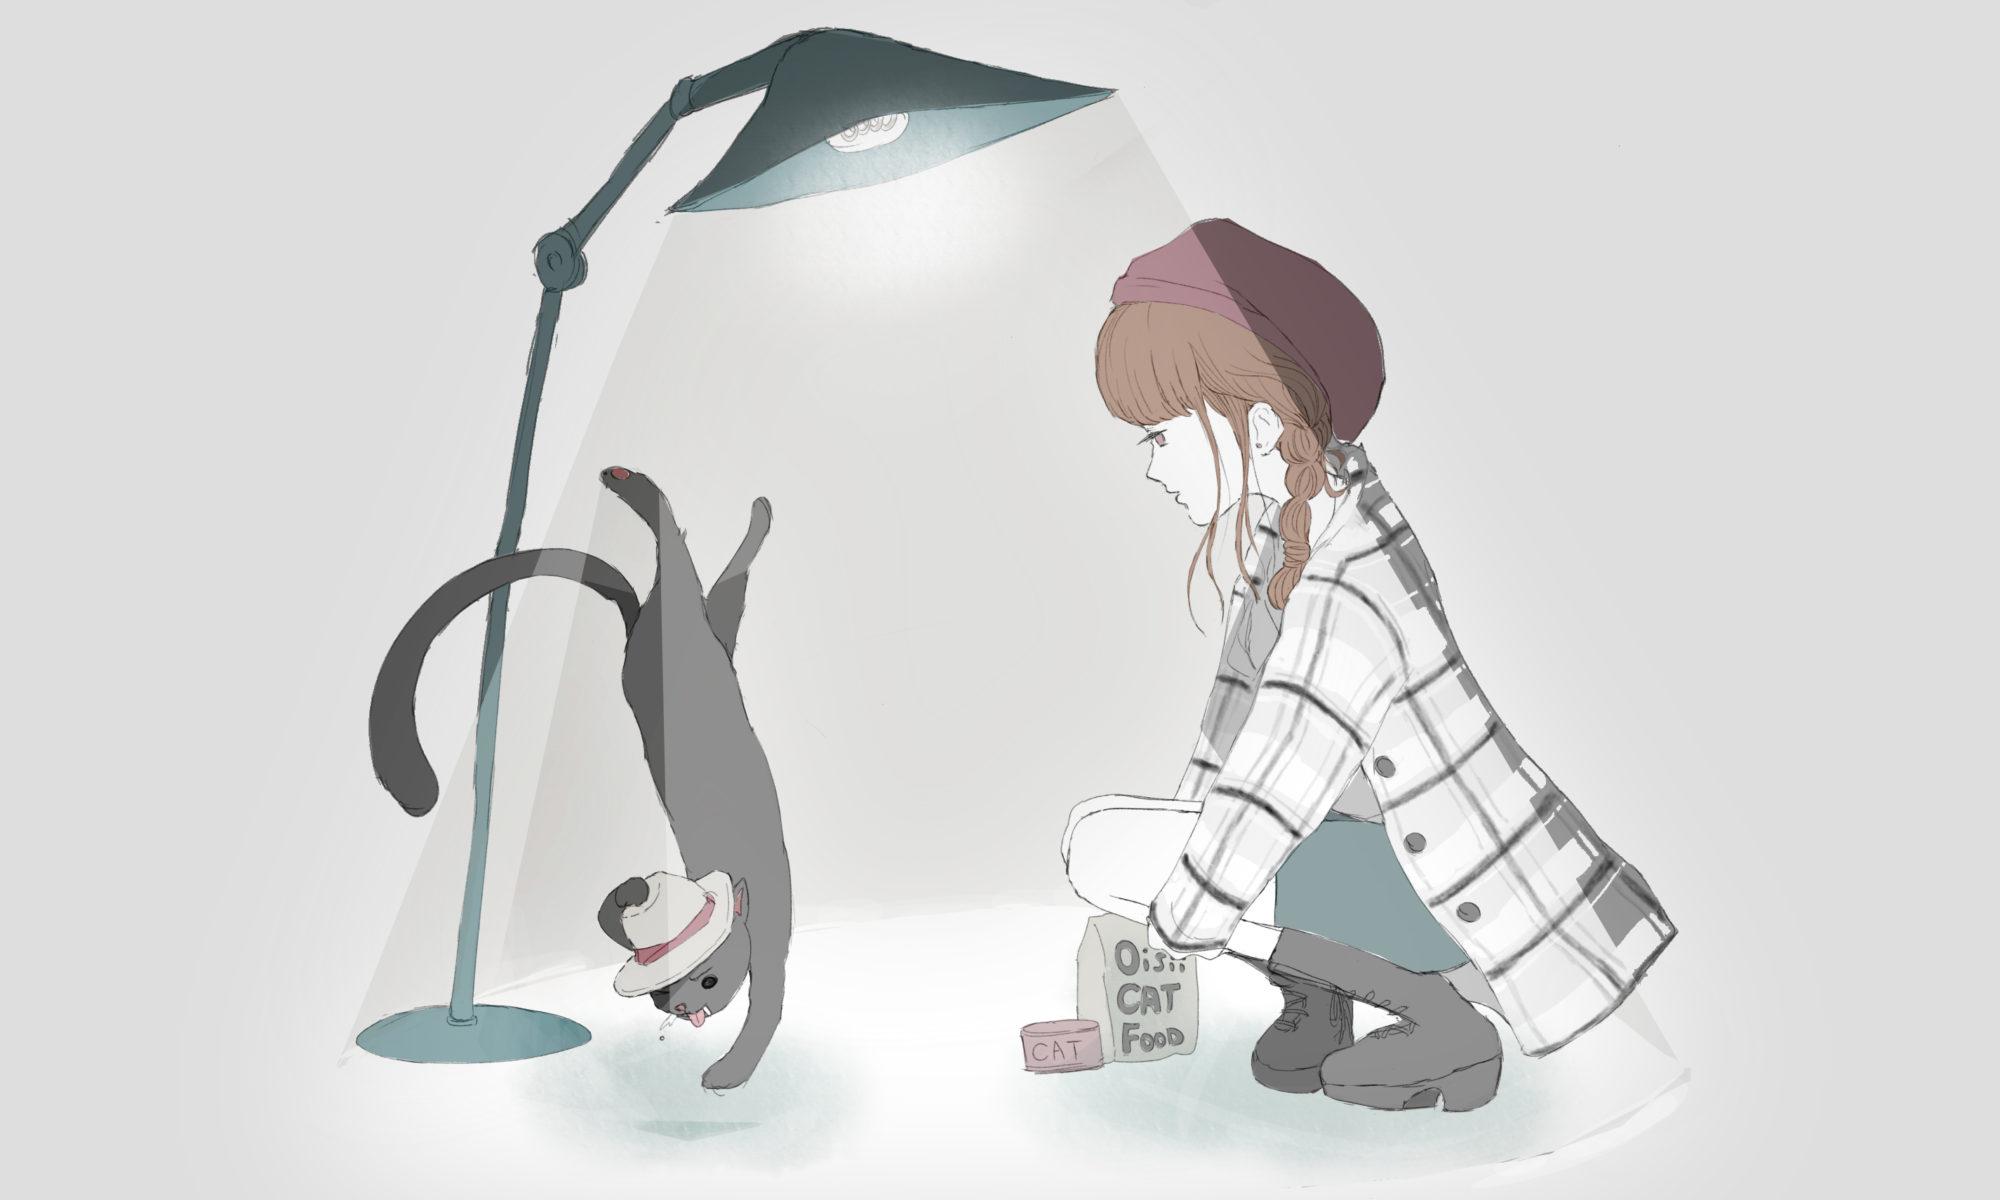 エサに釣られて踊る猫、手玉にとる女子のフリーイラスト